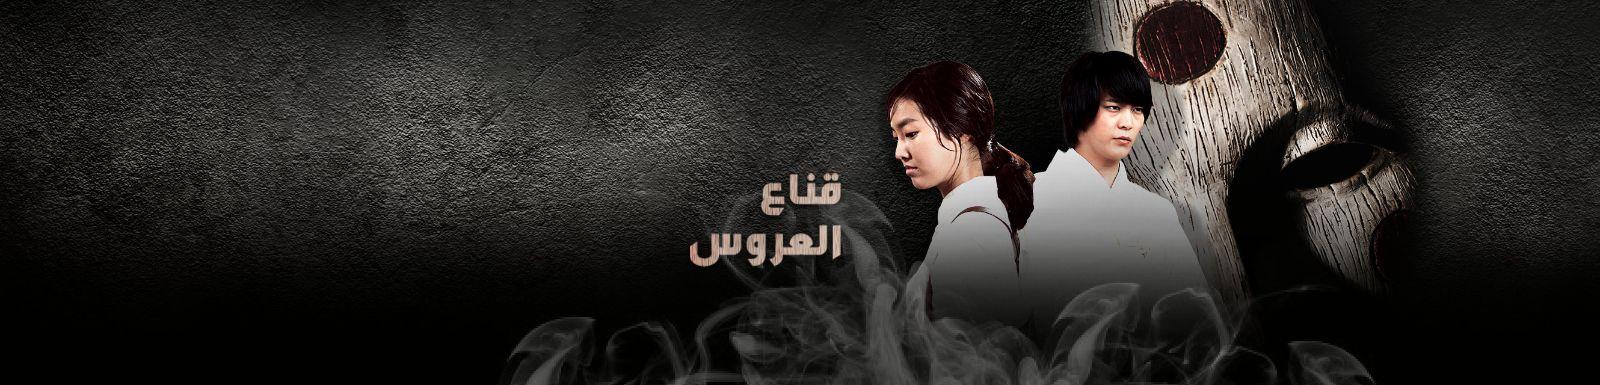 تحميل مسلسل قناع العروس الحلقة 19 MBC shahid شاهد نت